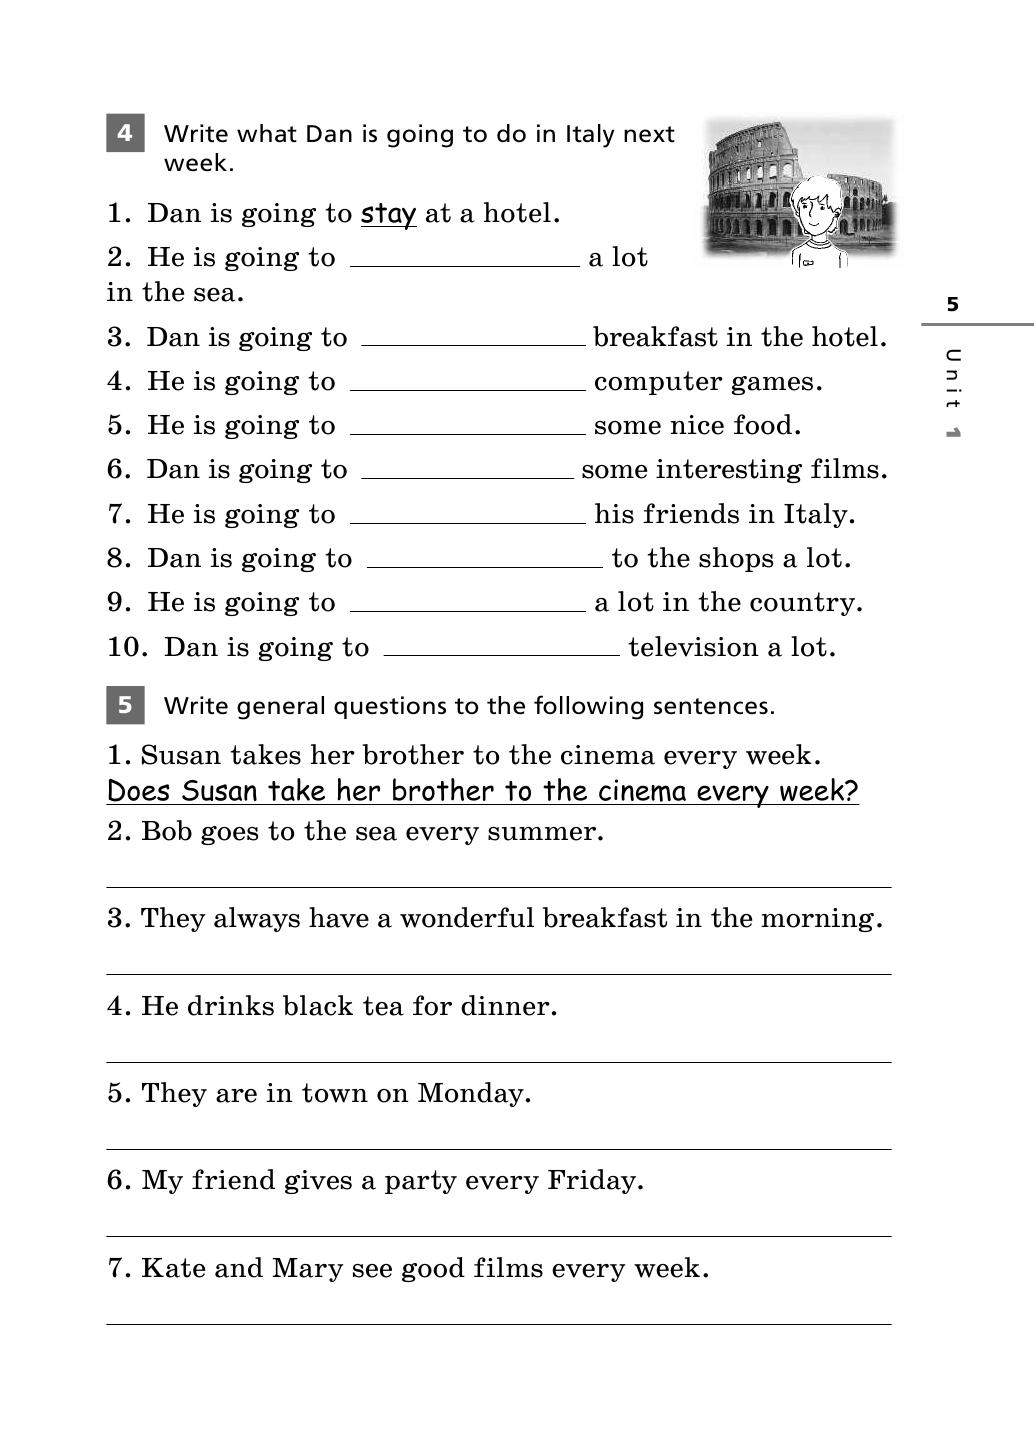 английский язык 6 класс афанасьева грамматика